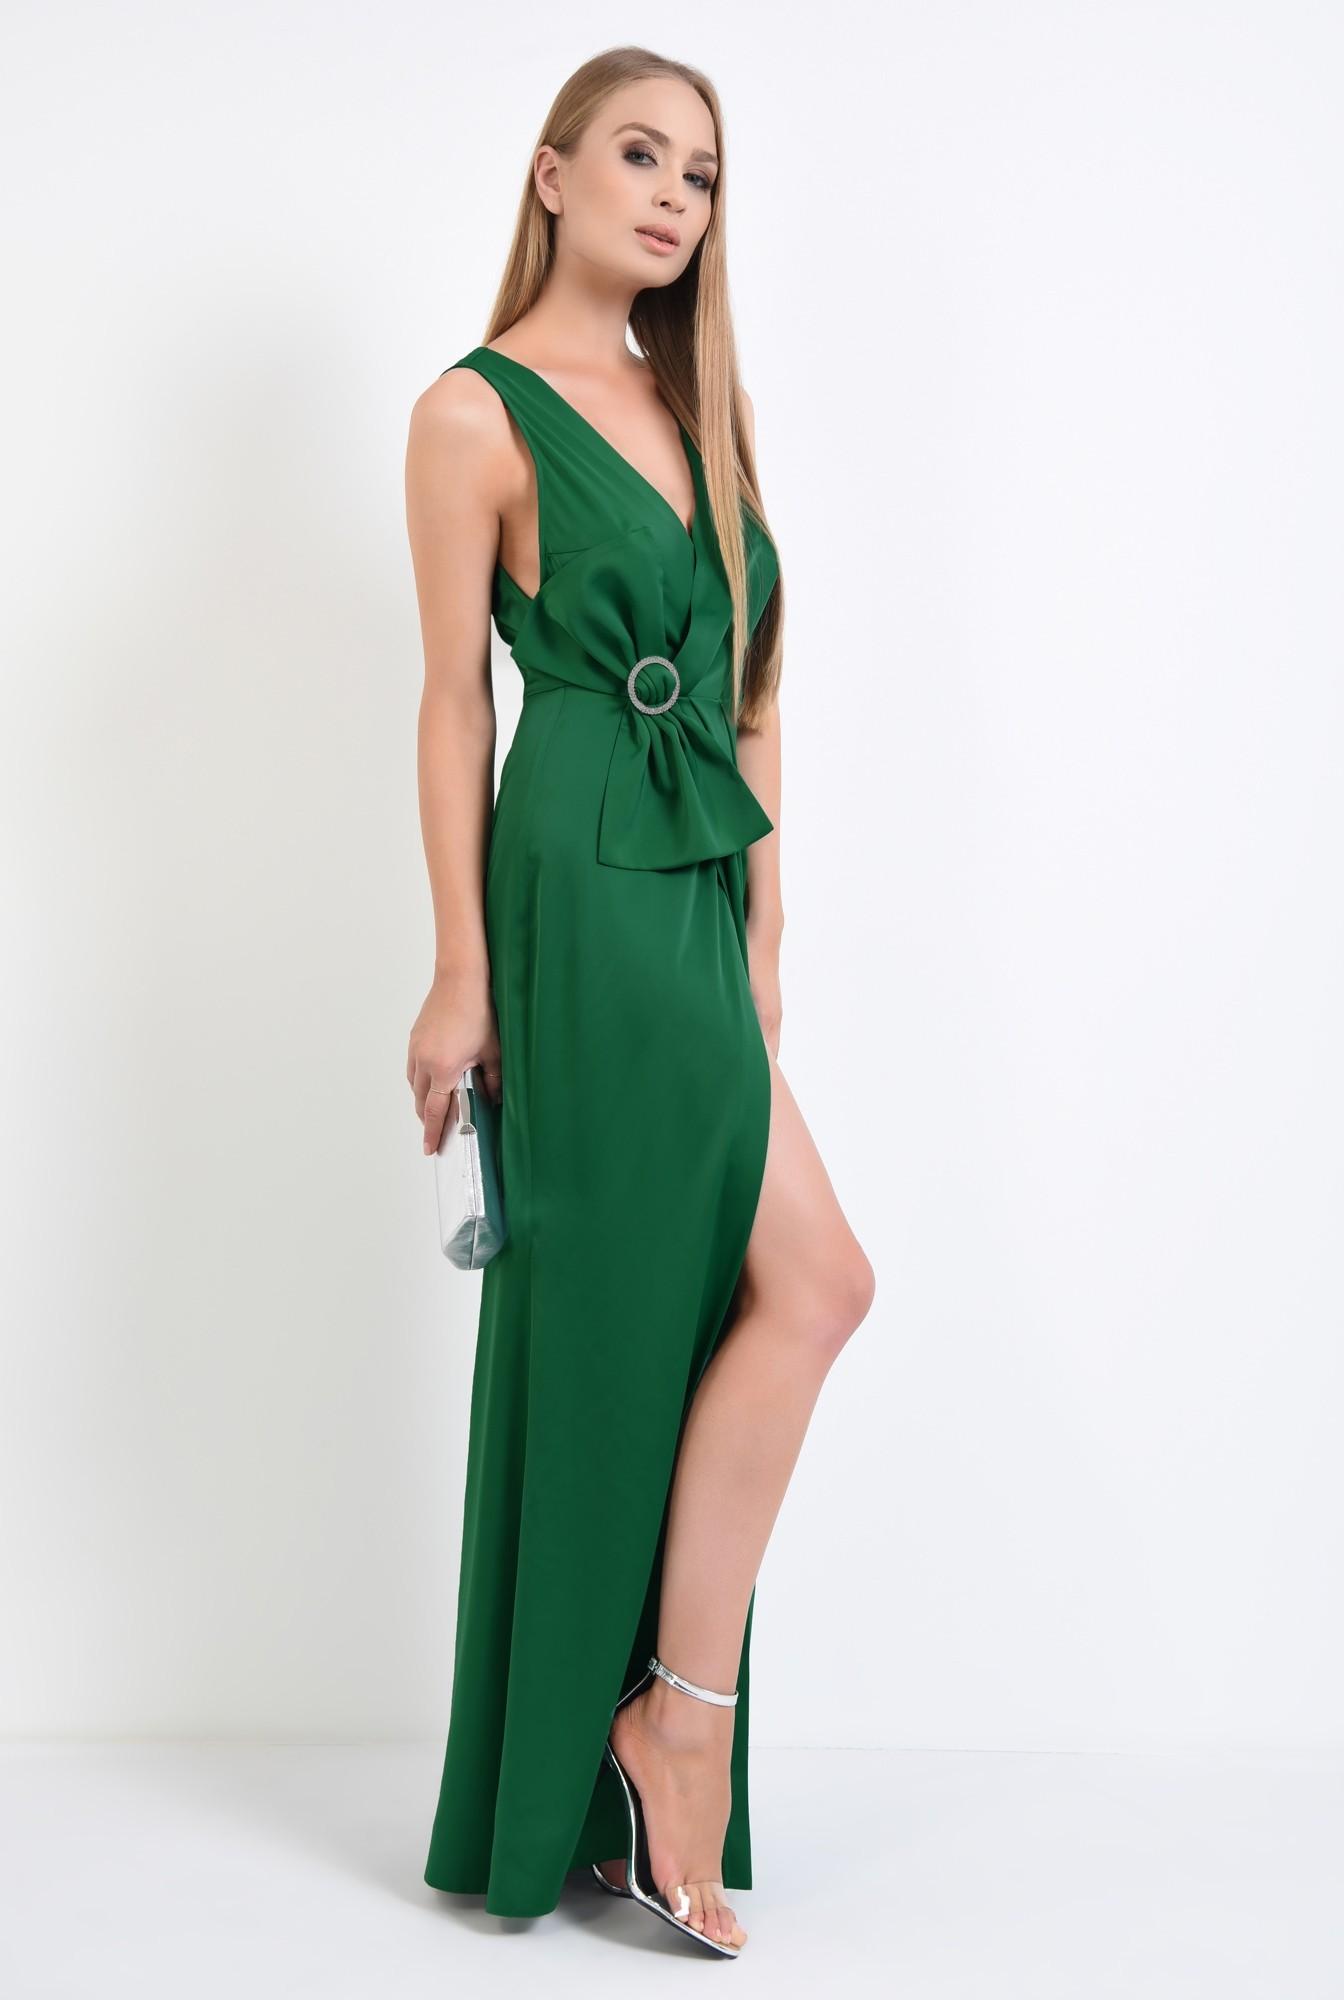 3 - rochie de ocazie, verde, satin, parte peste parte, funda supradimensionata